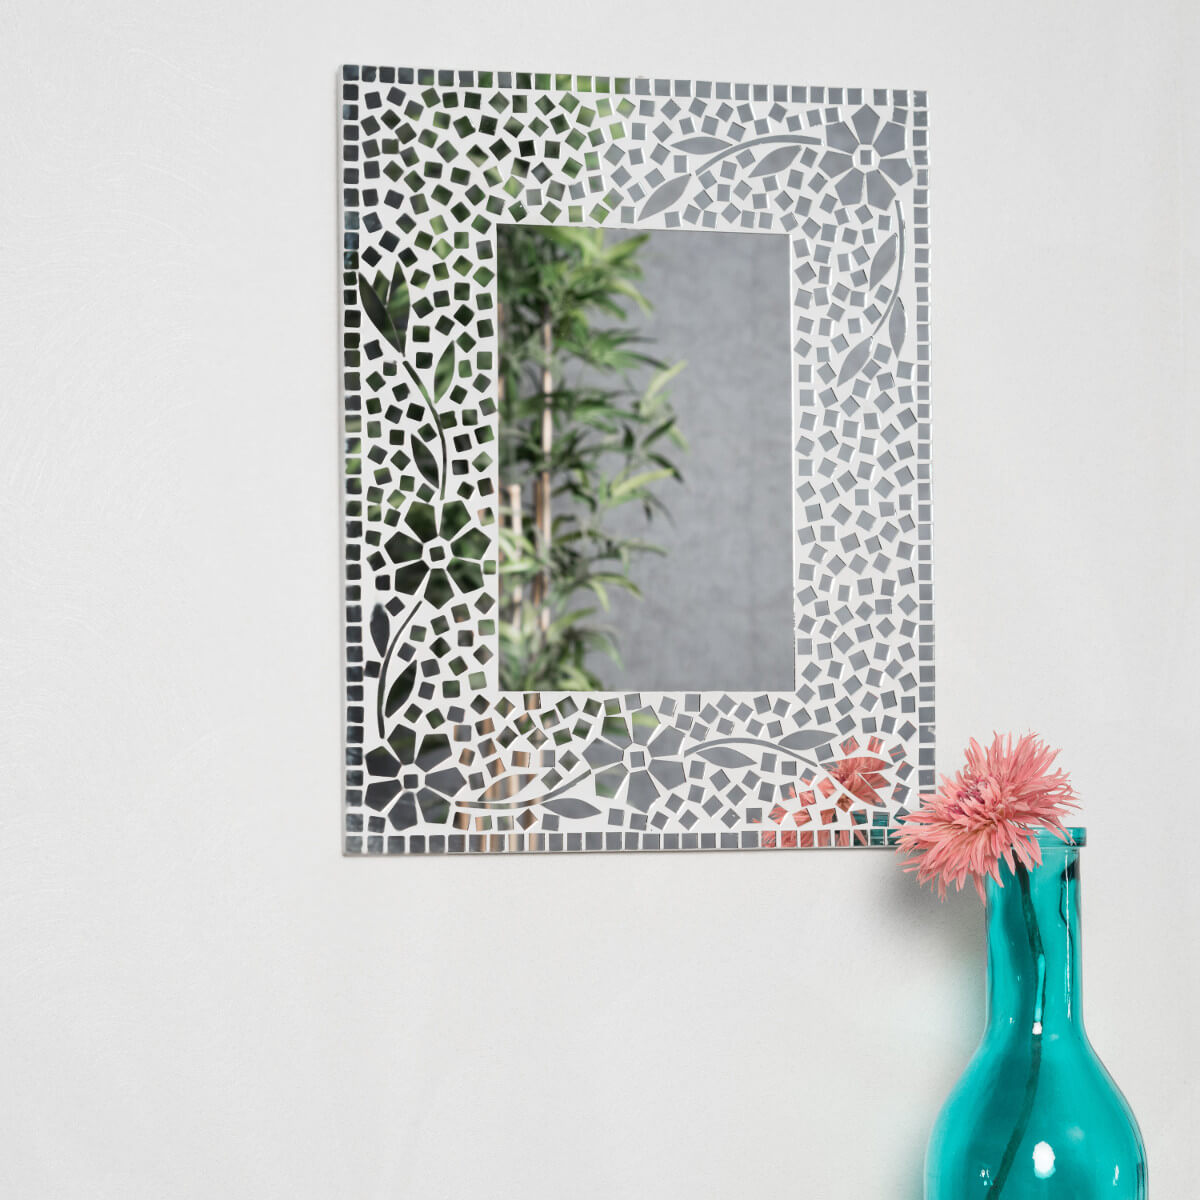 Miroir moaique fleur design 40cm x 50cm salon chambre for Miroir 50 x 50 cm